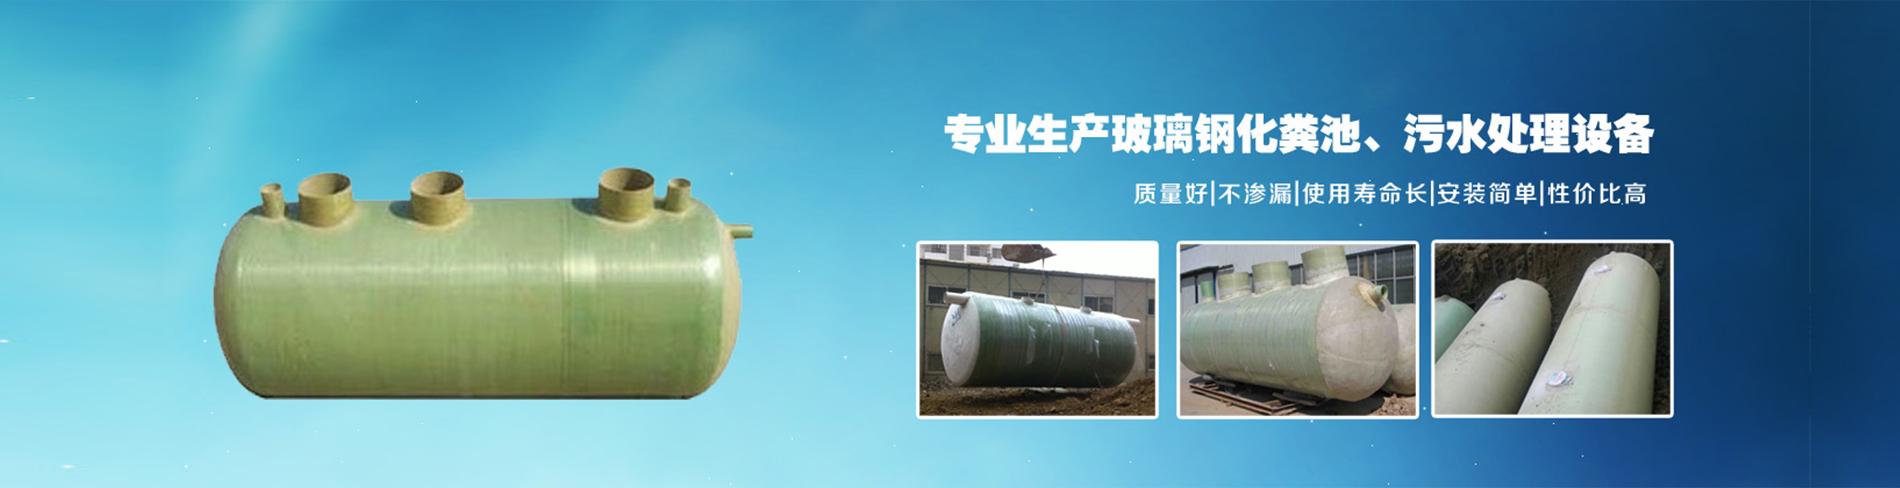 龙岩污水处理,龙岩污水处理设备,龙岩污水处理公司